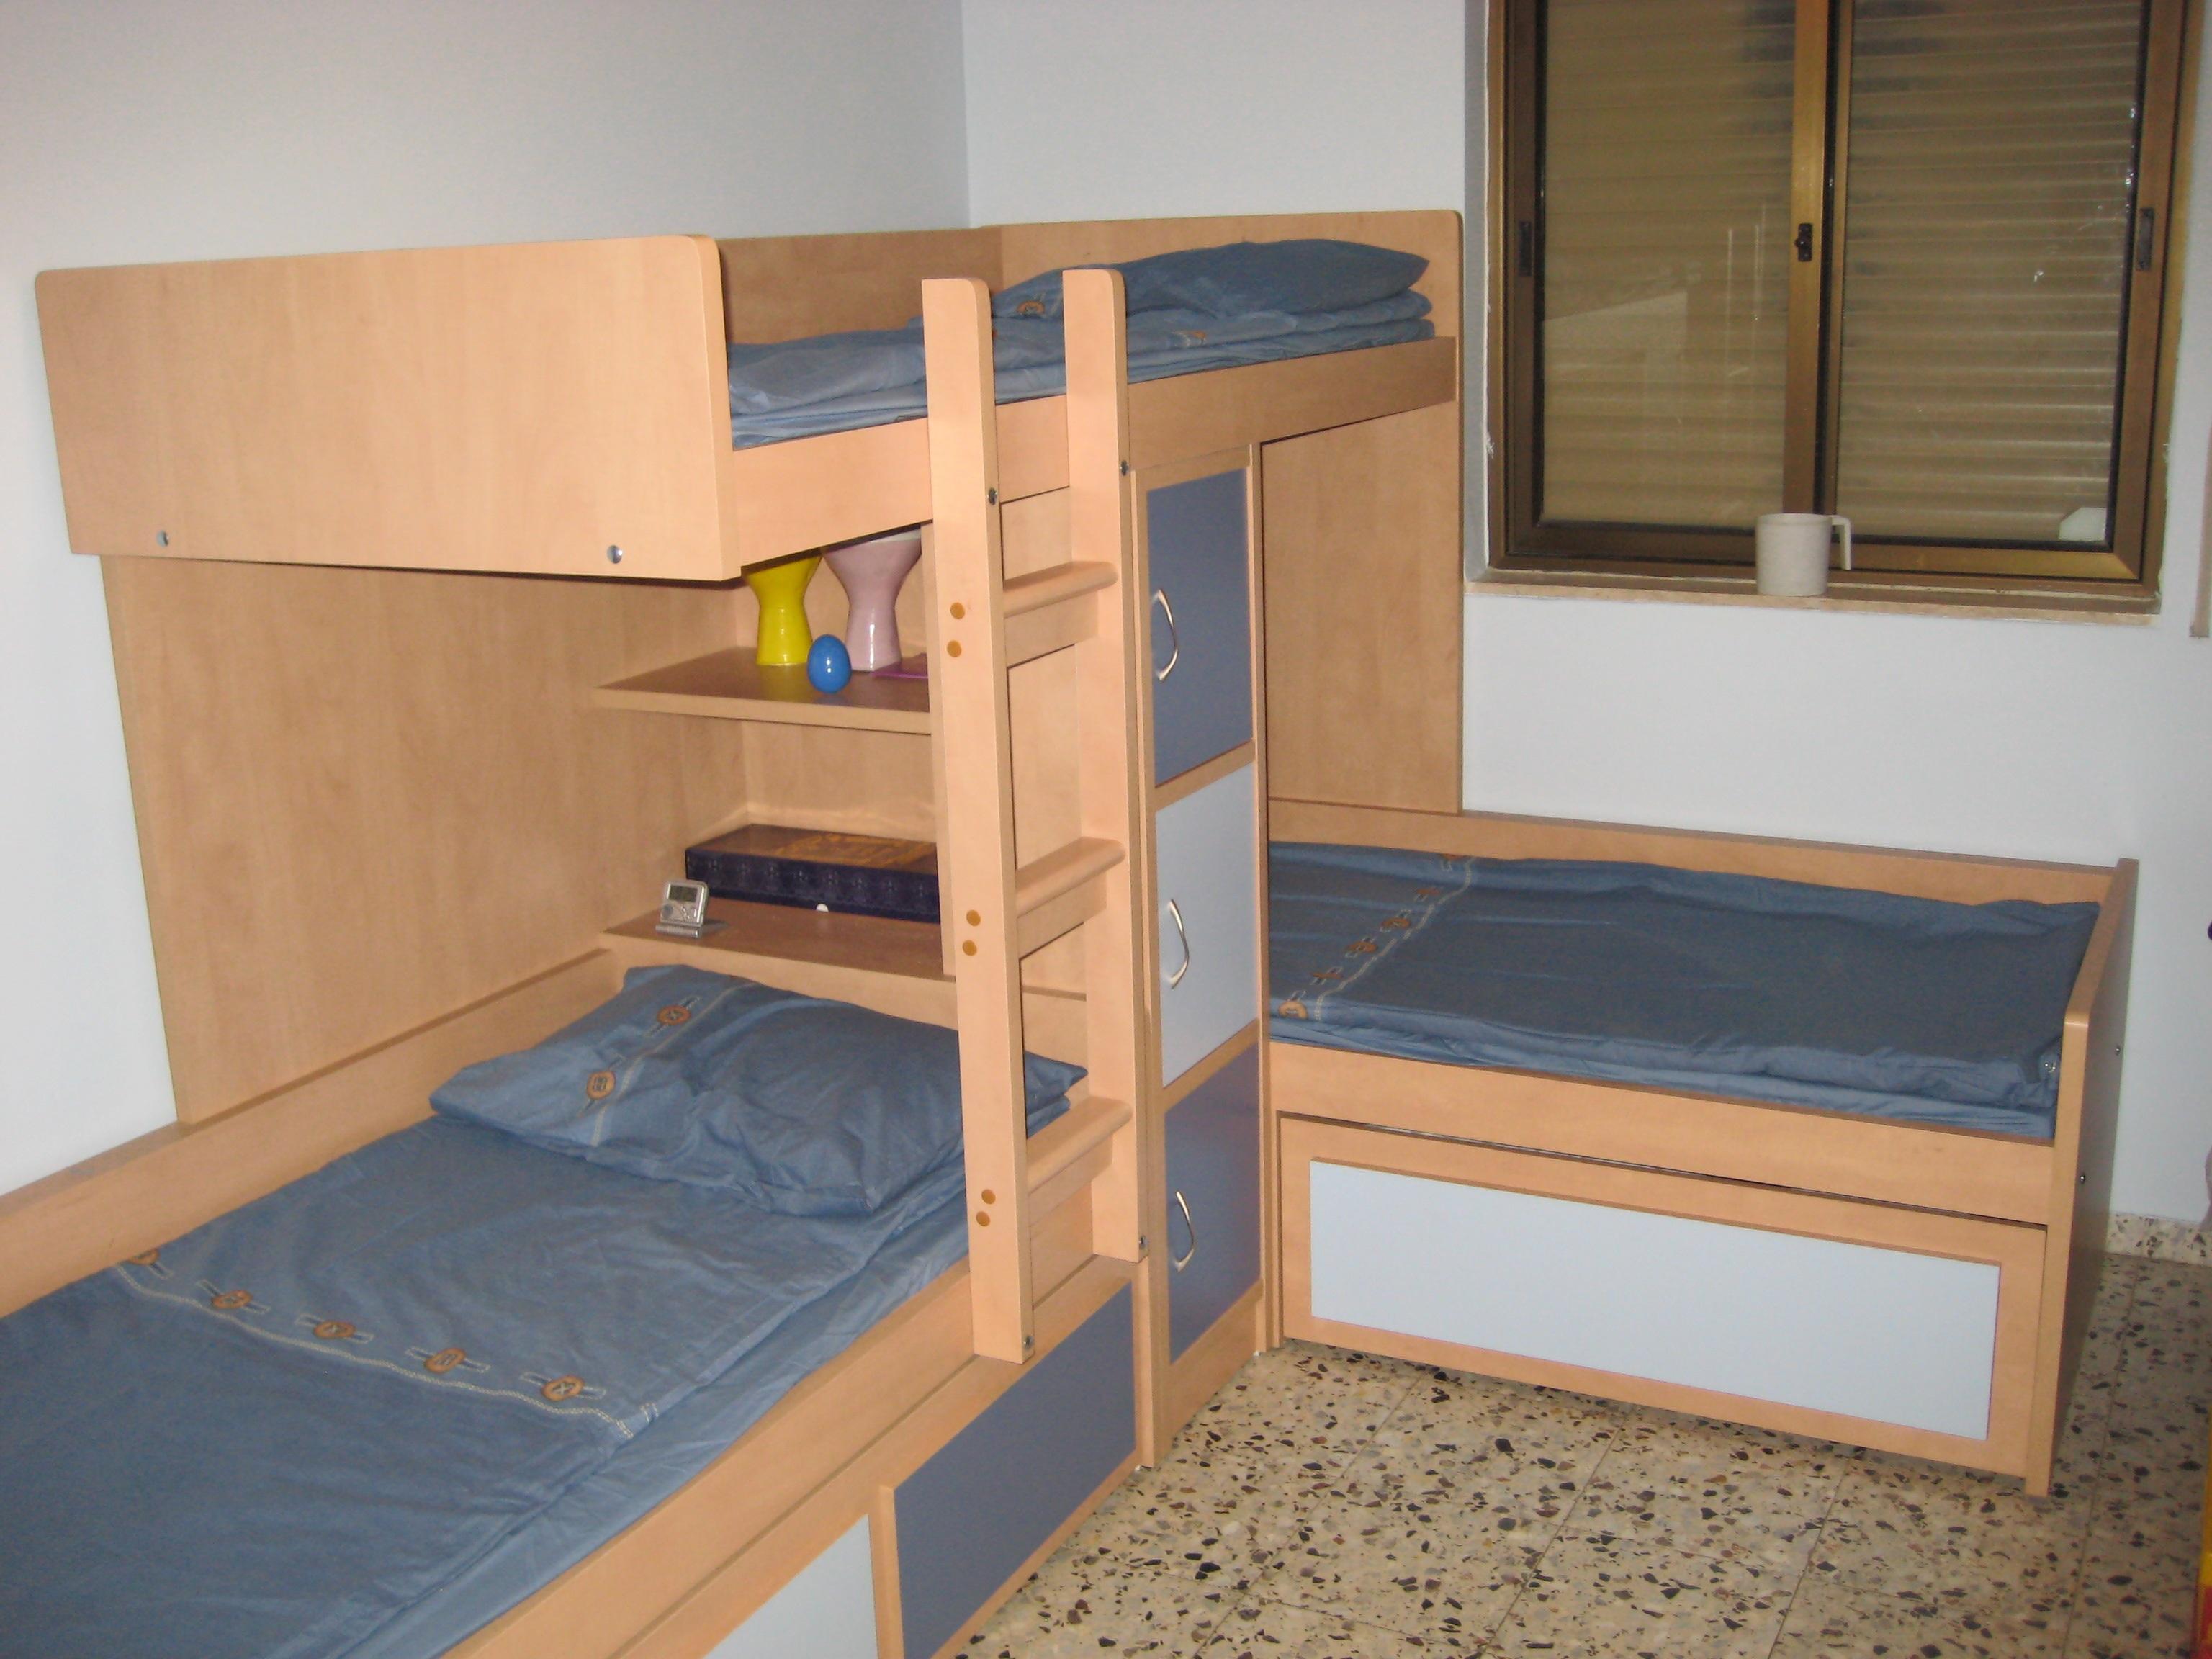 מיטת רכבת 4 מקומות שינה.jpg